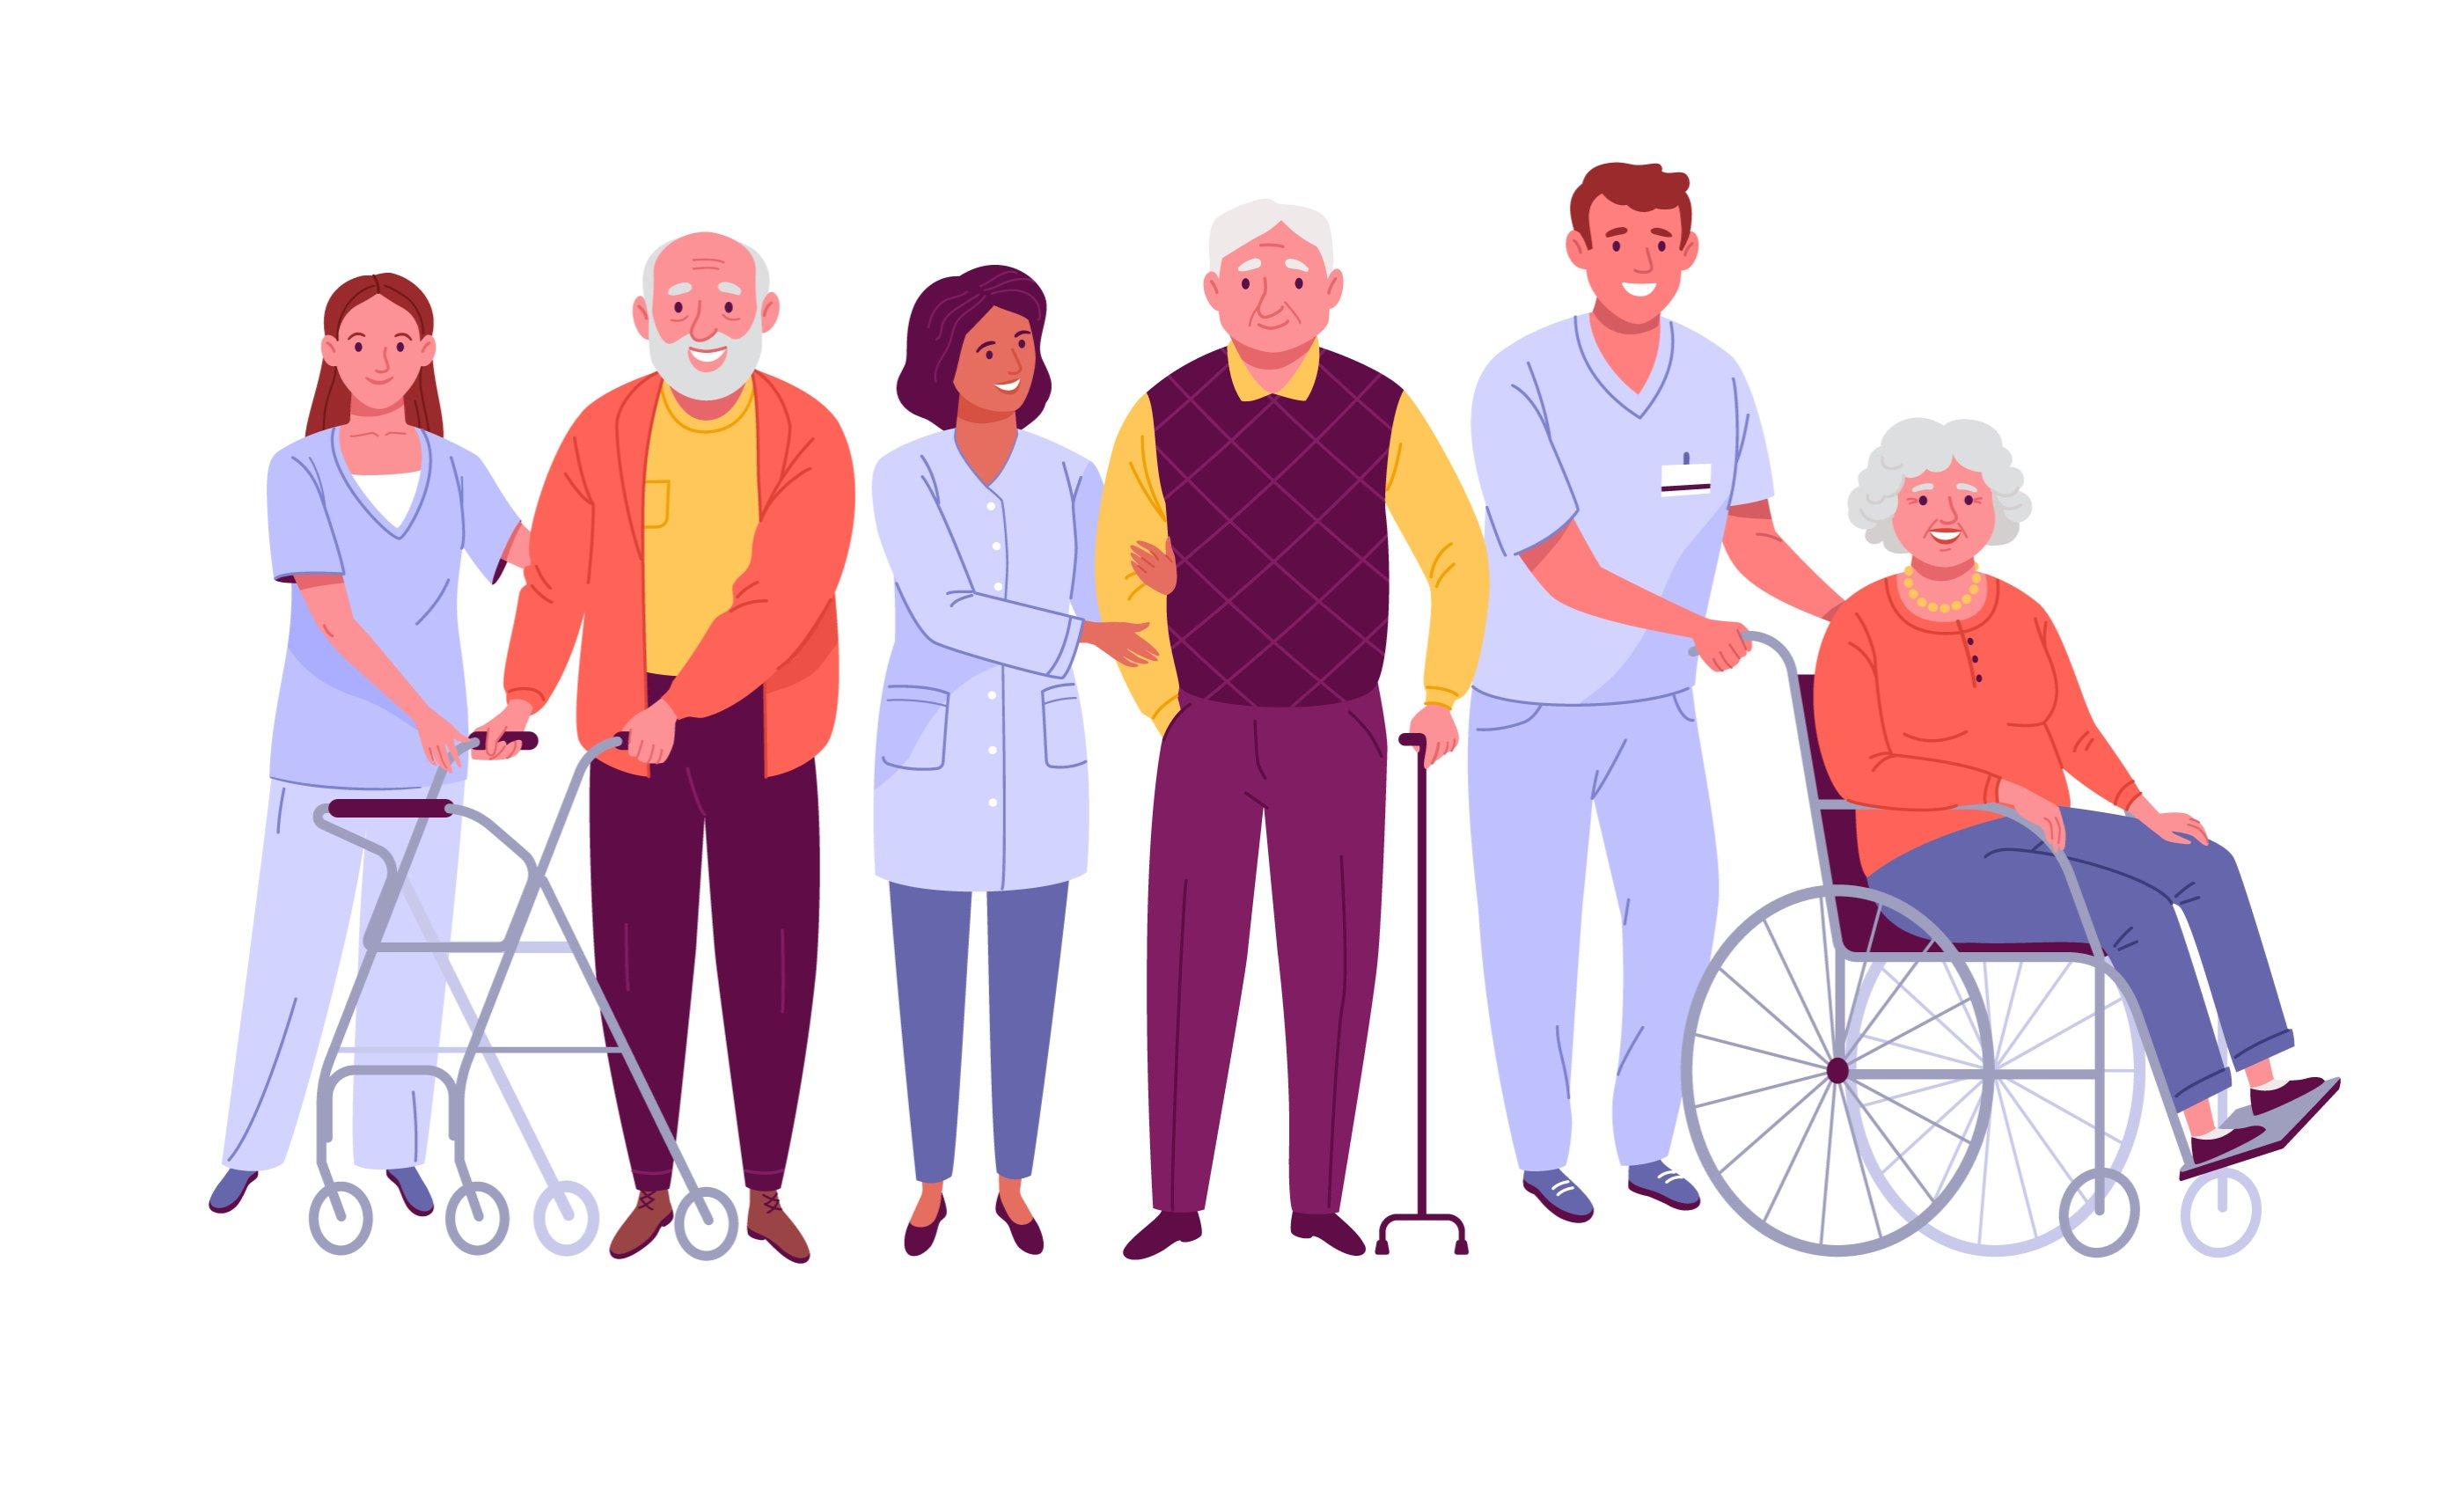 介護保険のサービス利用にかかる費用はどのくらいか。